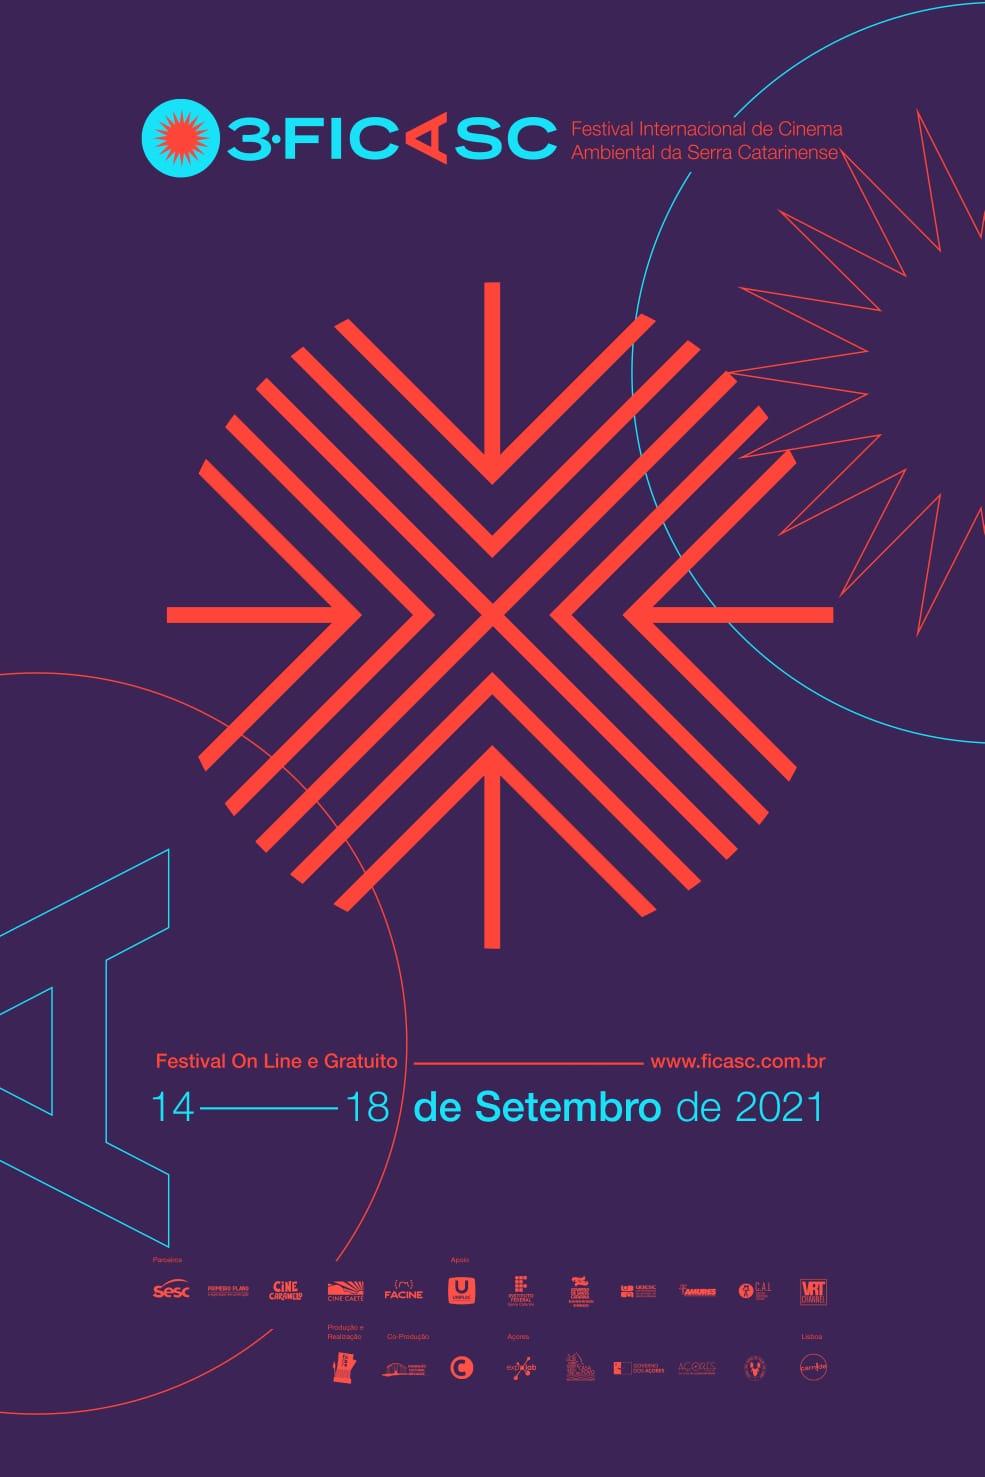 Festival Internacional de Cinema  Casarão Juca Antunes recebe Festival Internacional de Cinema Ambiental da Serra Catarinense  -  O Festival Internacional de Cinema Ambiental da Serra Catarinense (FICASC) chega a sua 3ª edição inovando em seu formato de exibição. Esse ano, o festival acontecerá de maneira híbrida (online e presencial) de 14 a 18 de setembro  13/09/2021 17:01:19